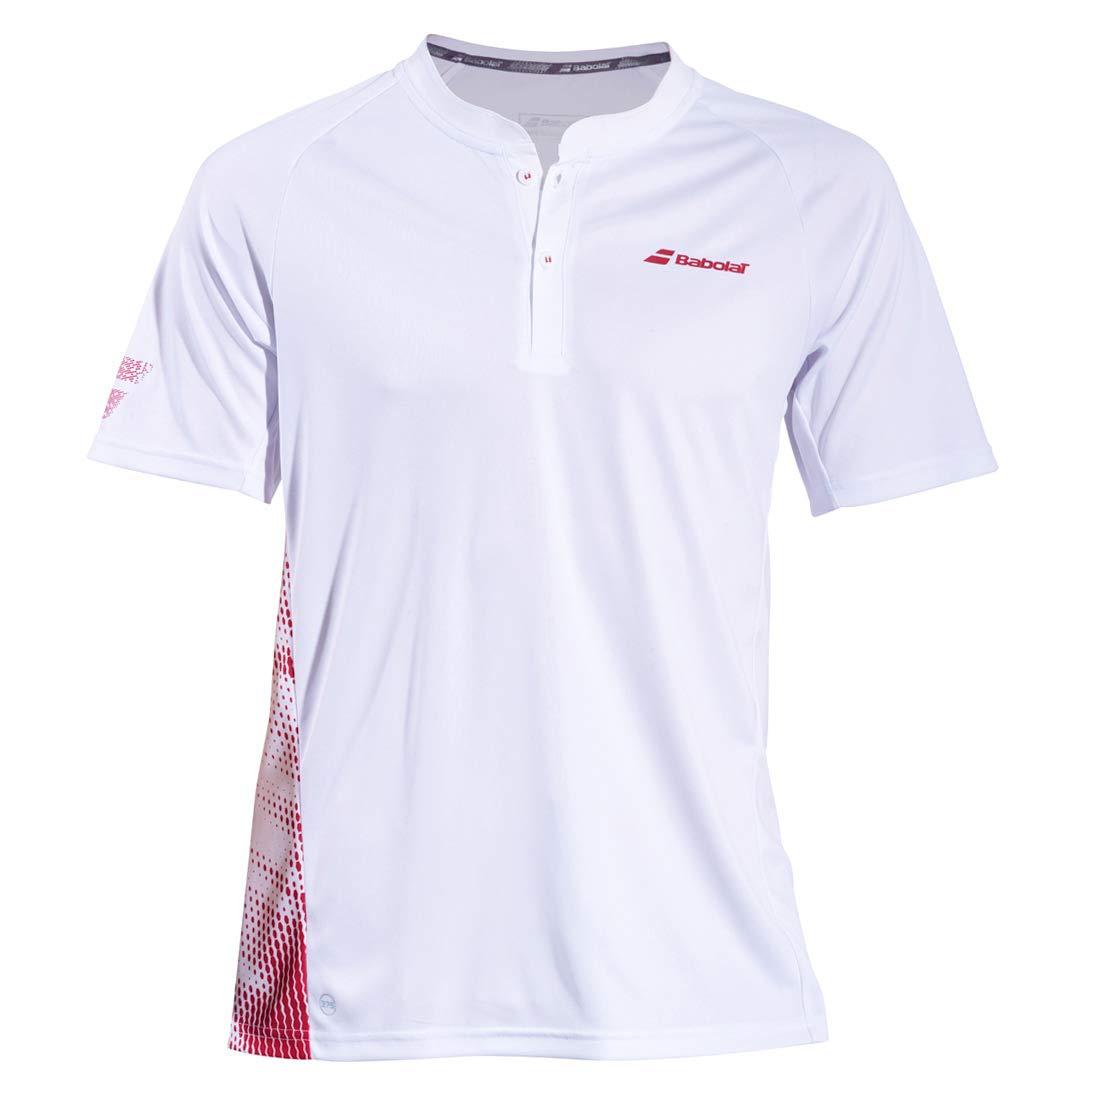 Babolat Maglietta Tennis Uomini Performance Polo